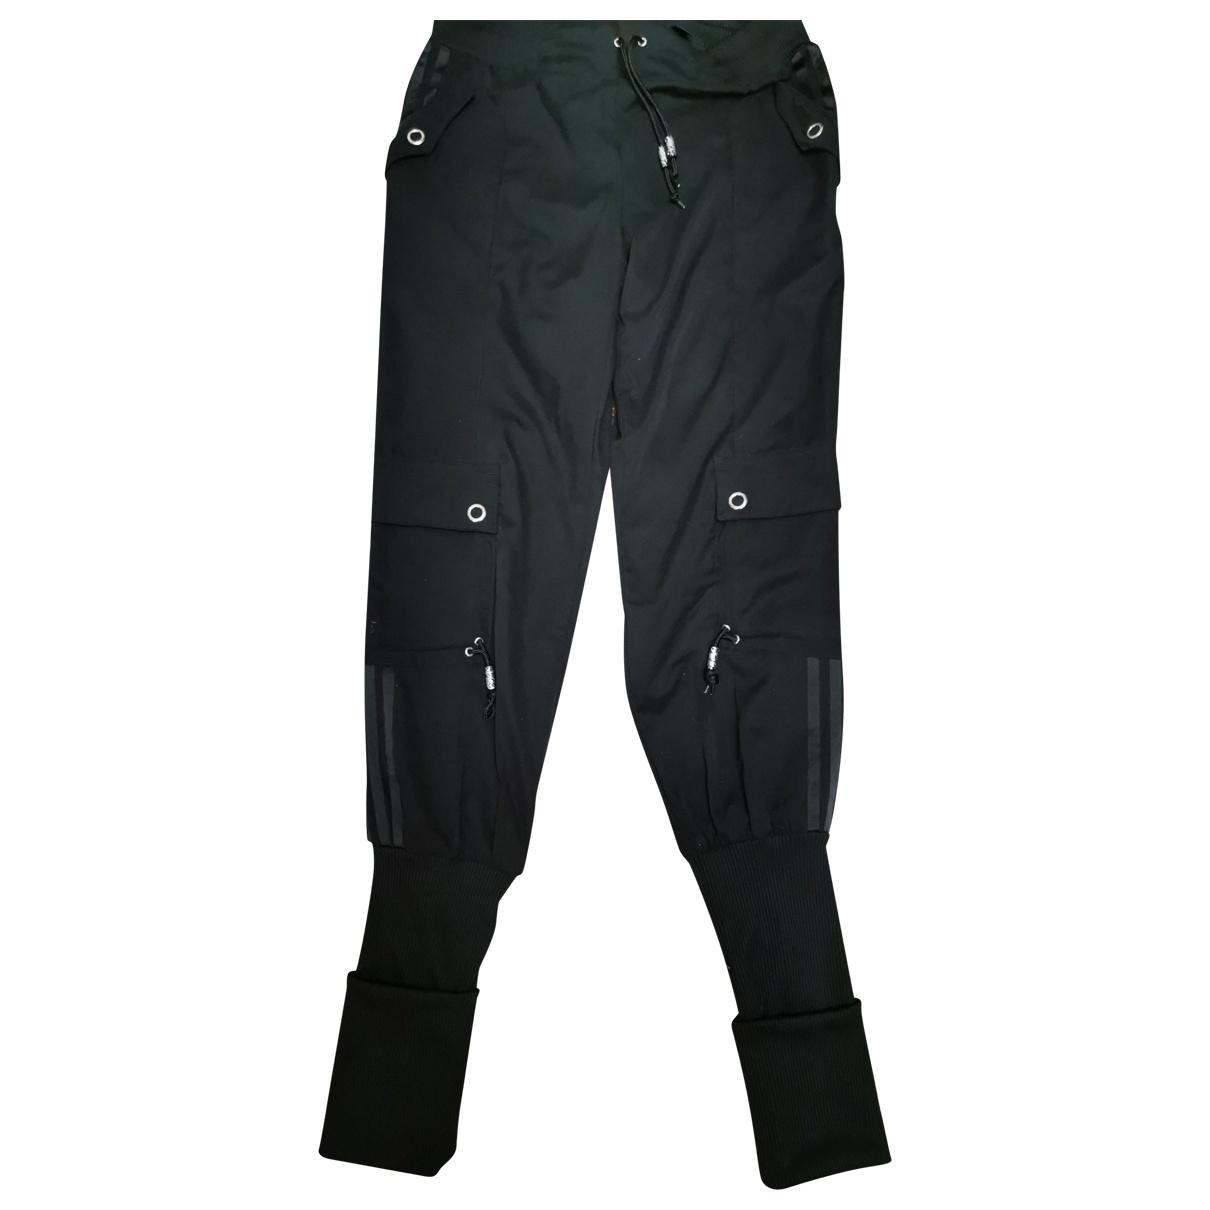 Pantalon en Poliester Negro Adidas